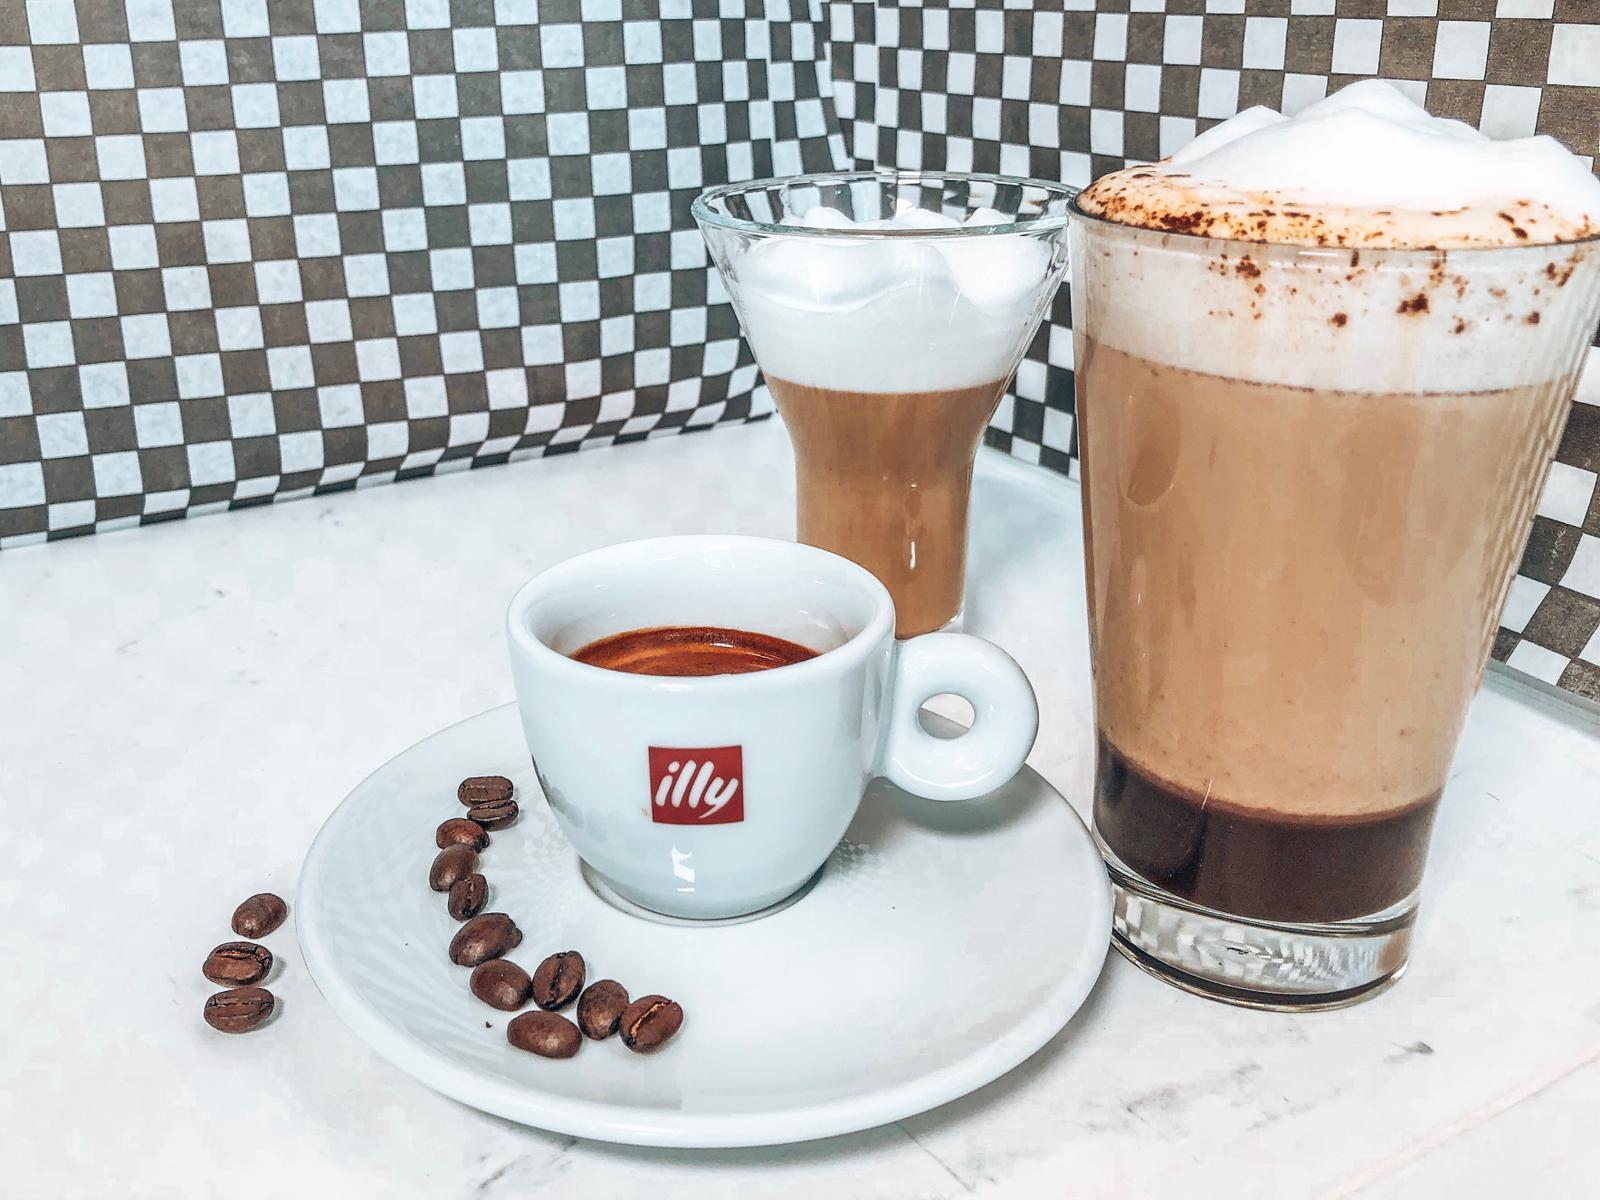 https://0901.nccdn.net/4_2/000/000/079/c81/Our-Coffee-1-1600x1200.jpg